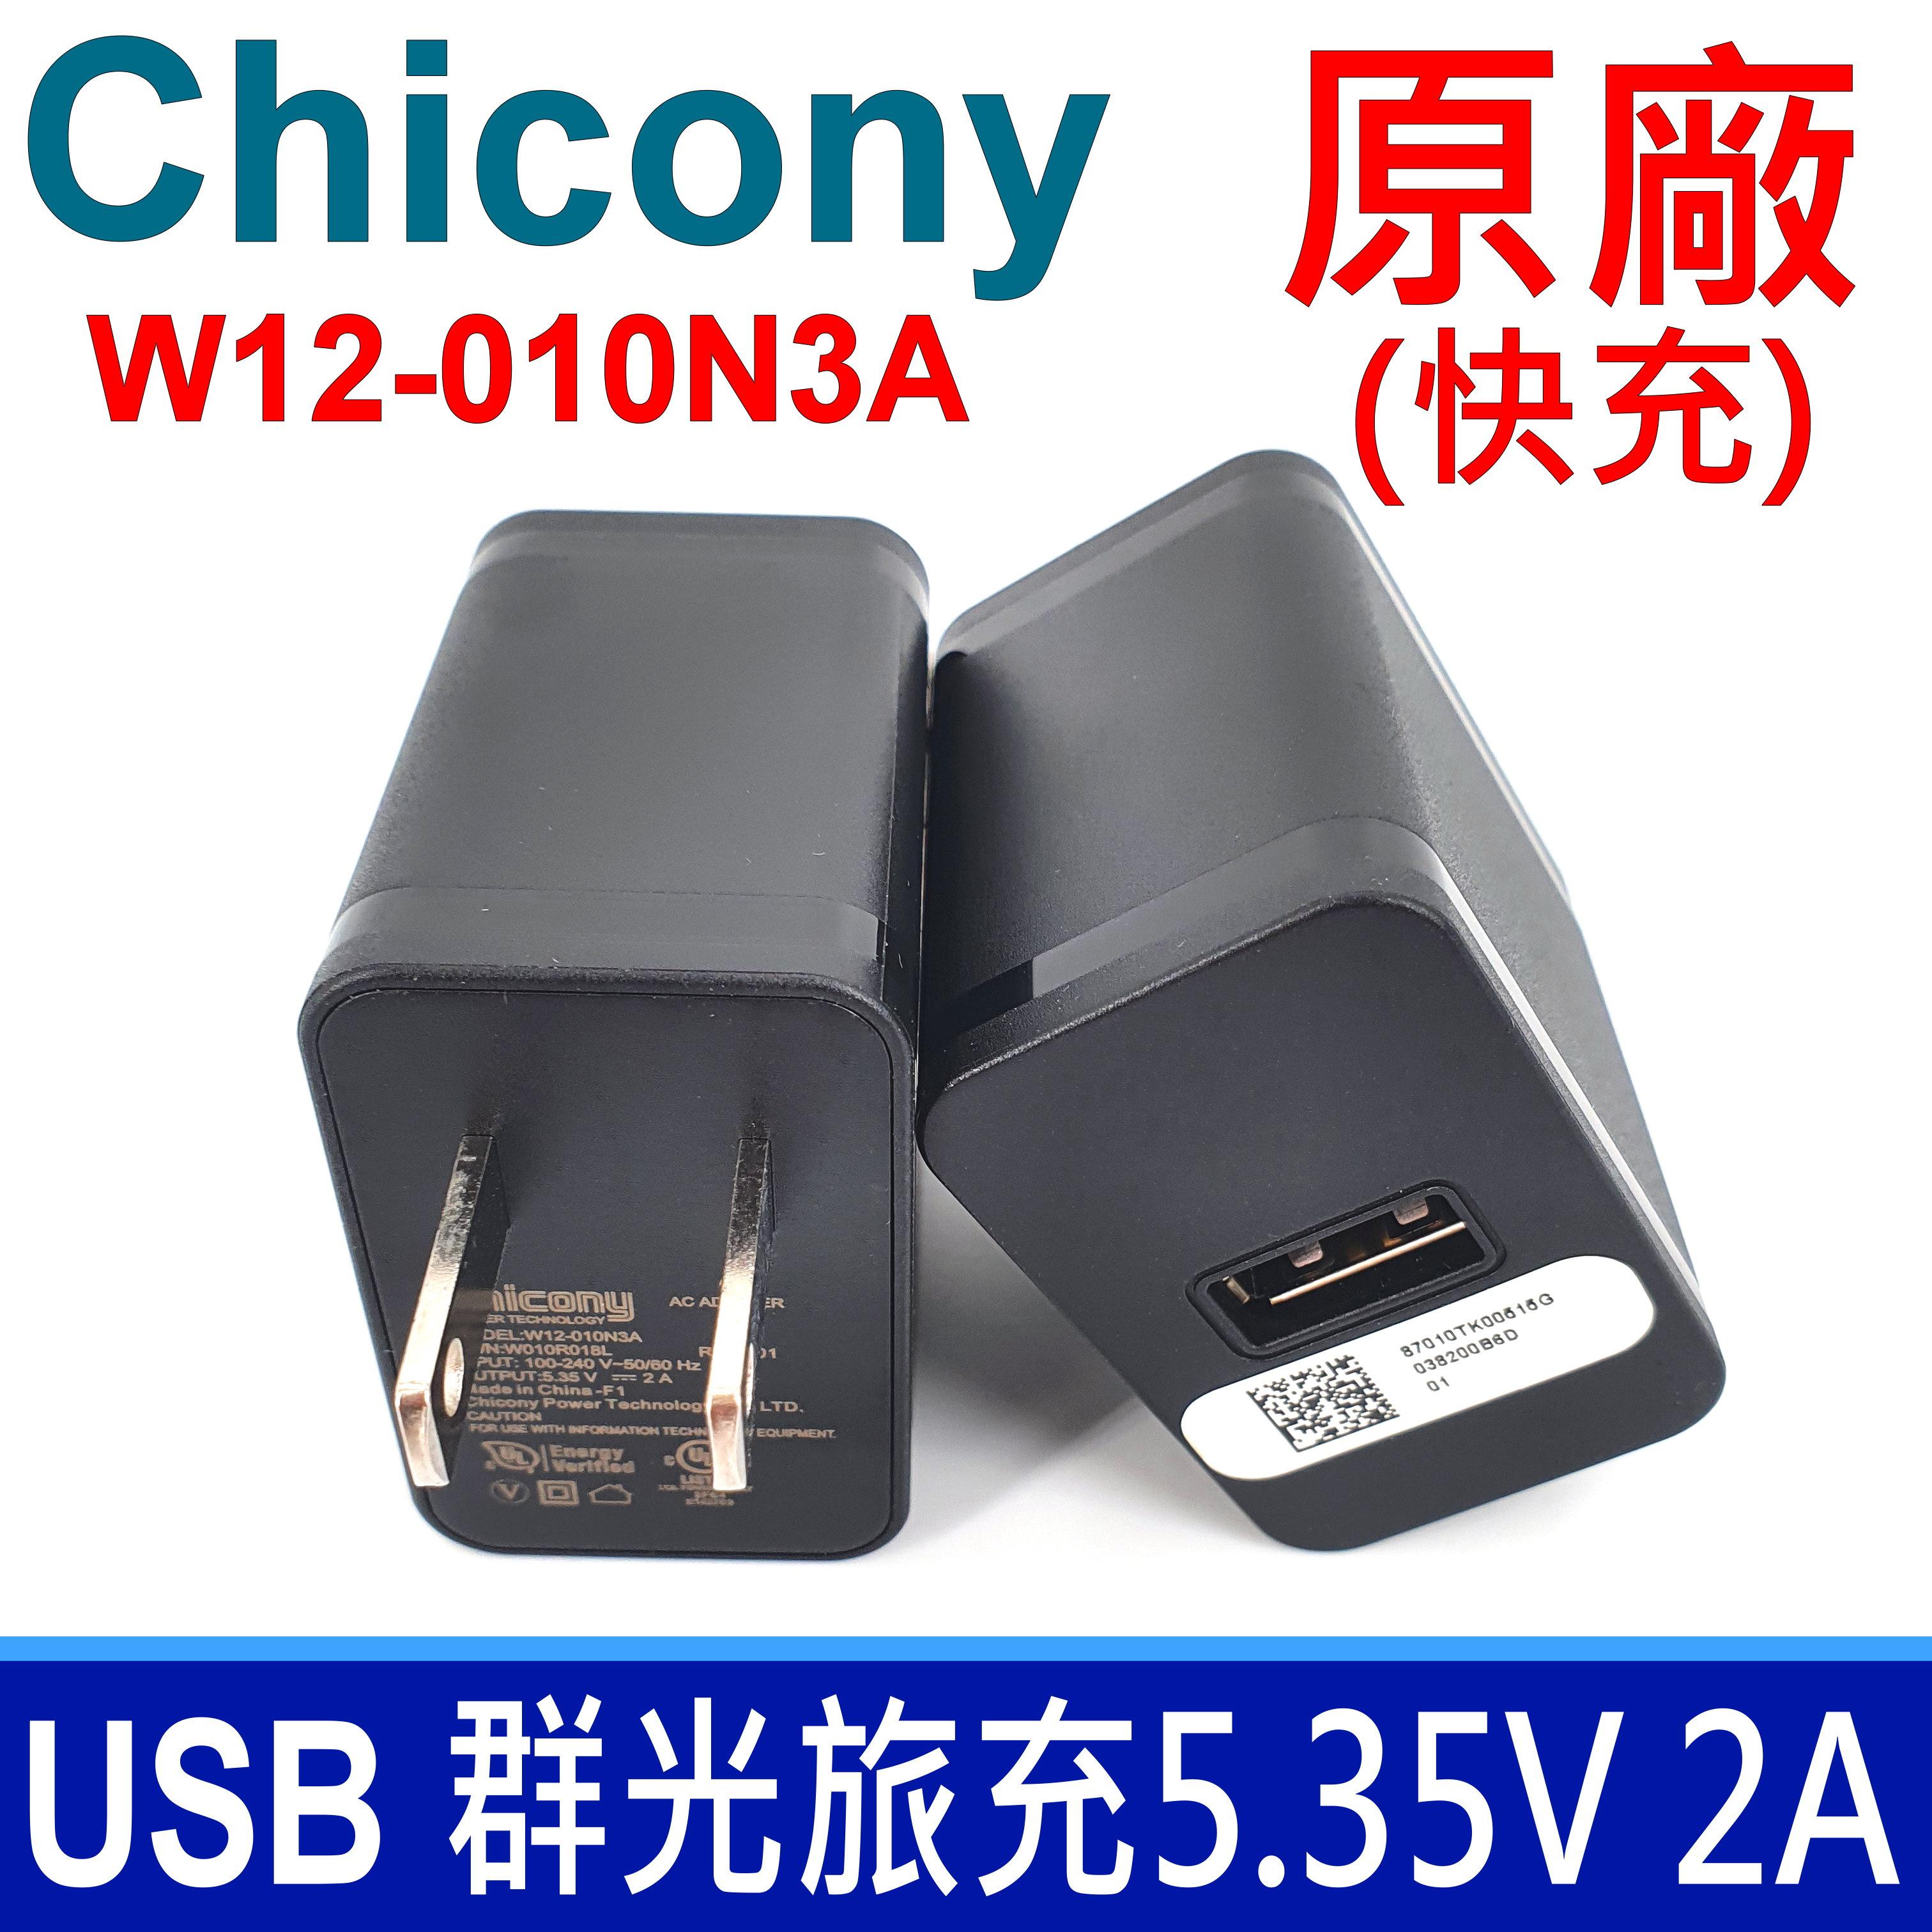 群光 Chicony W12-010N3A USB 旅充變壓器 AC旅充頭 5V-2A ACER OPPO APPLE SAMSUNG ASUS PadFone2 T100 T100T T100TA